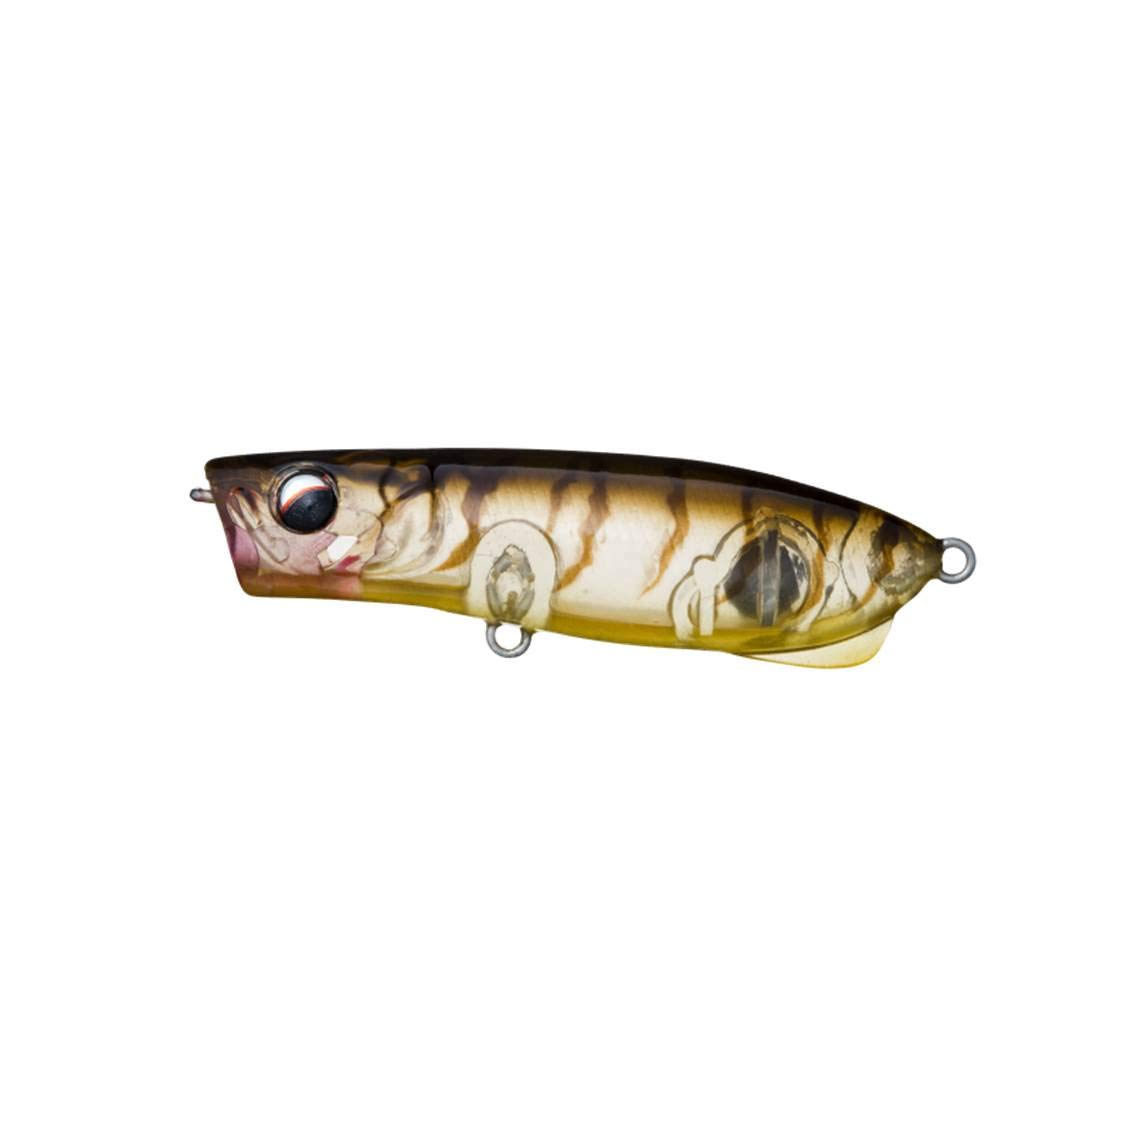 ダイワ(Daiwa) ペンシルベイト SW チニングペンシル 65F マイワシRB ルアーの商品画像